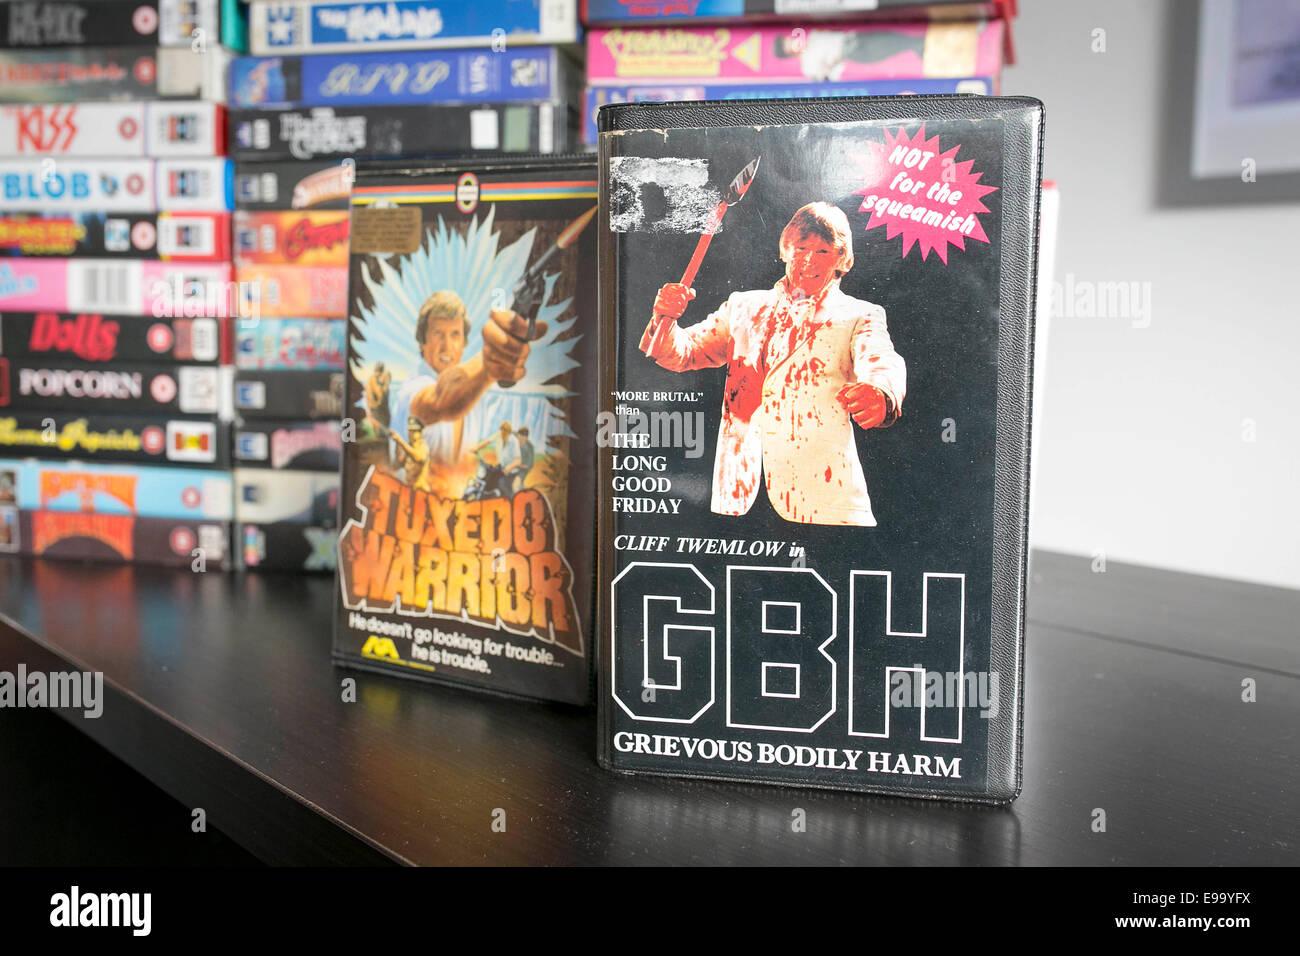 70s y 80s culto videos incluyendo Clive Tremelow GBH Imagen De Stock